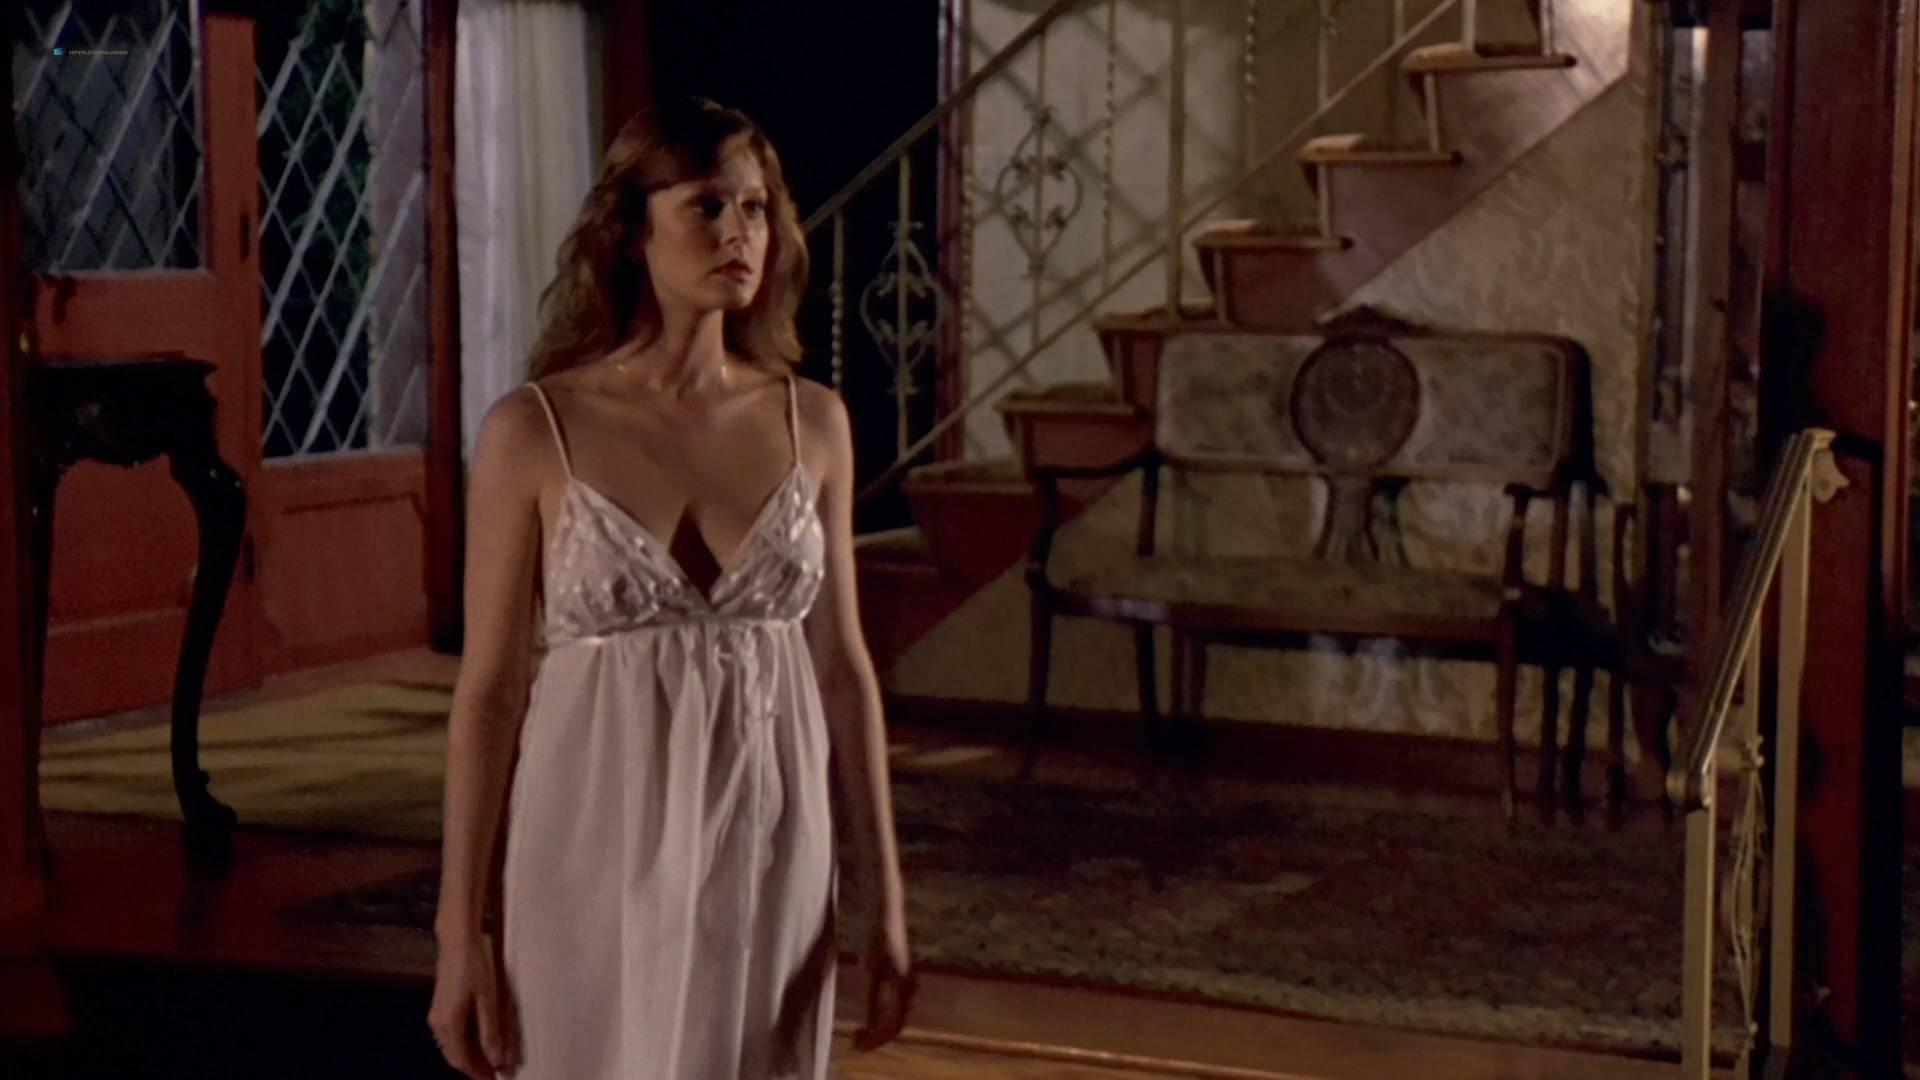 Have not judy norton taylor mary elizabeth mcdonough nude sorry